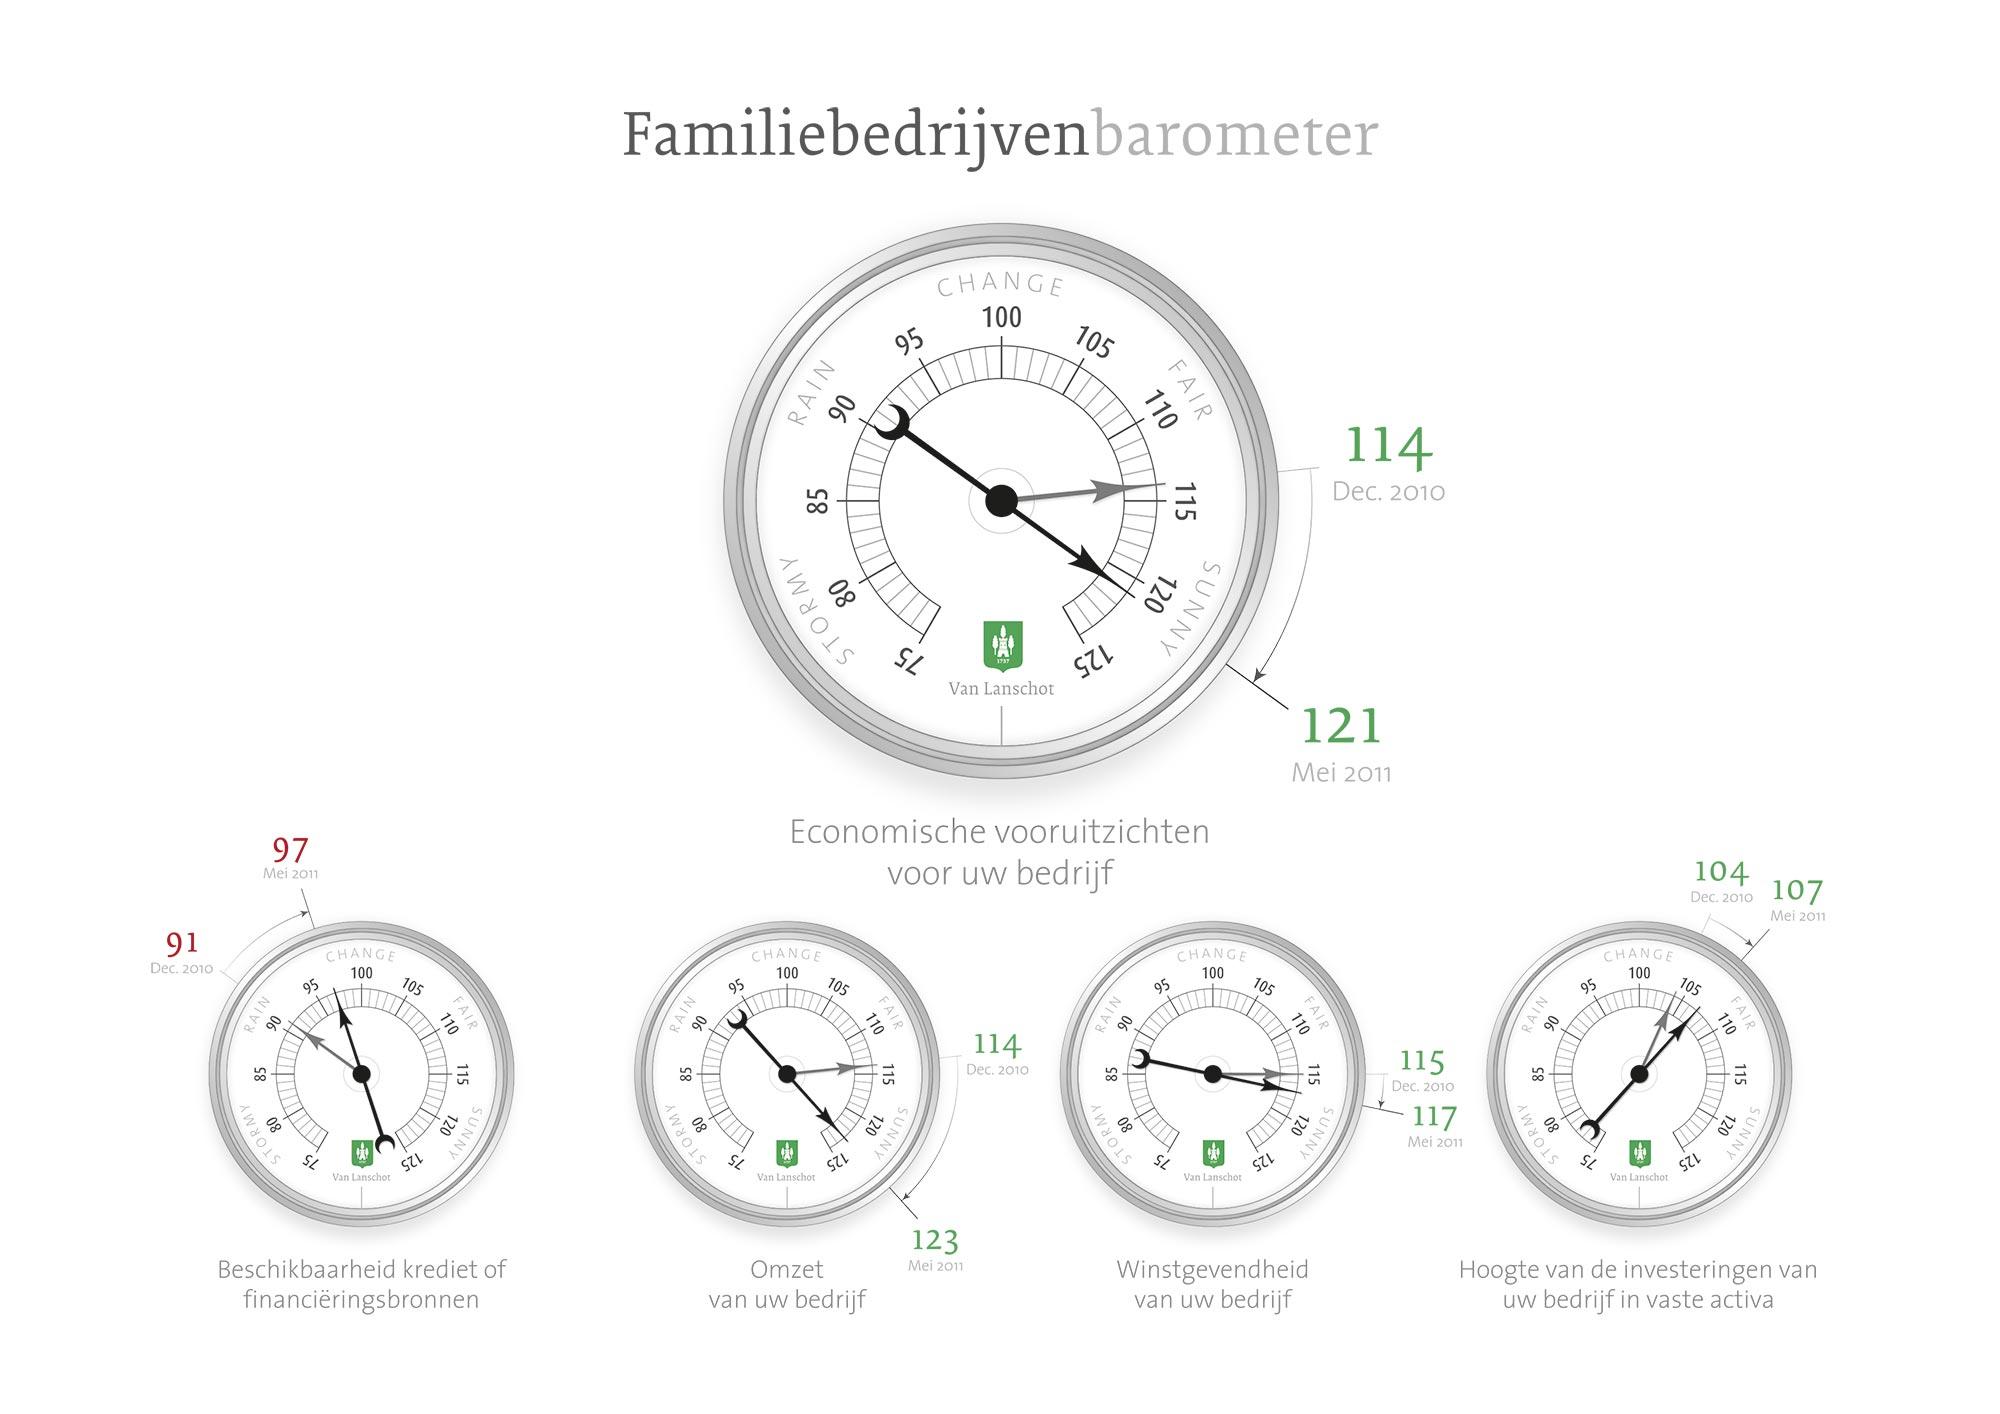 Barometer Van Lanschot infographic JAgd ontwerp